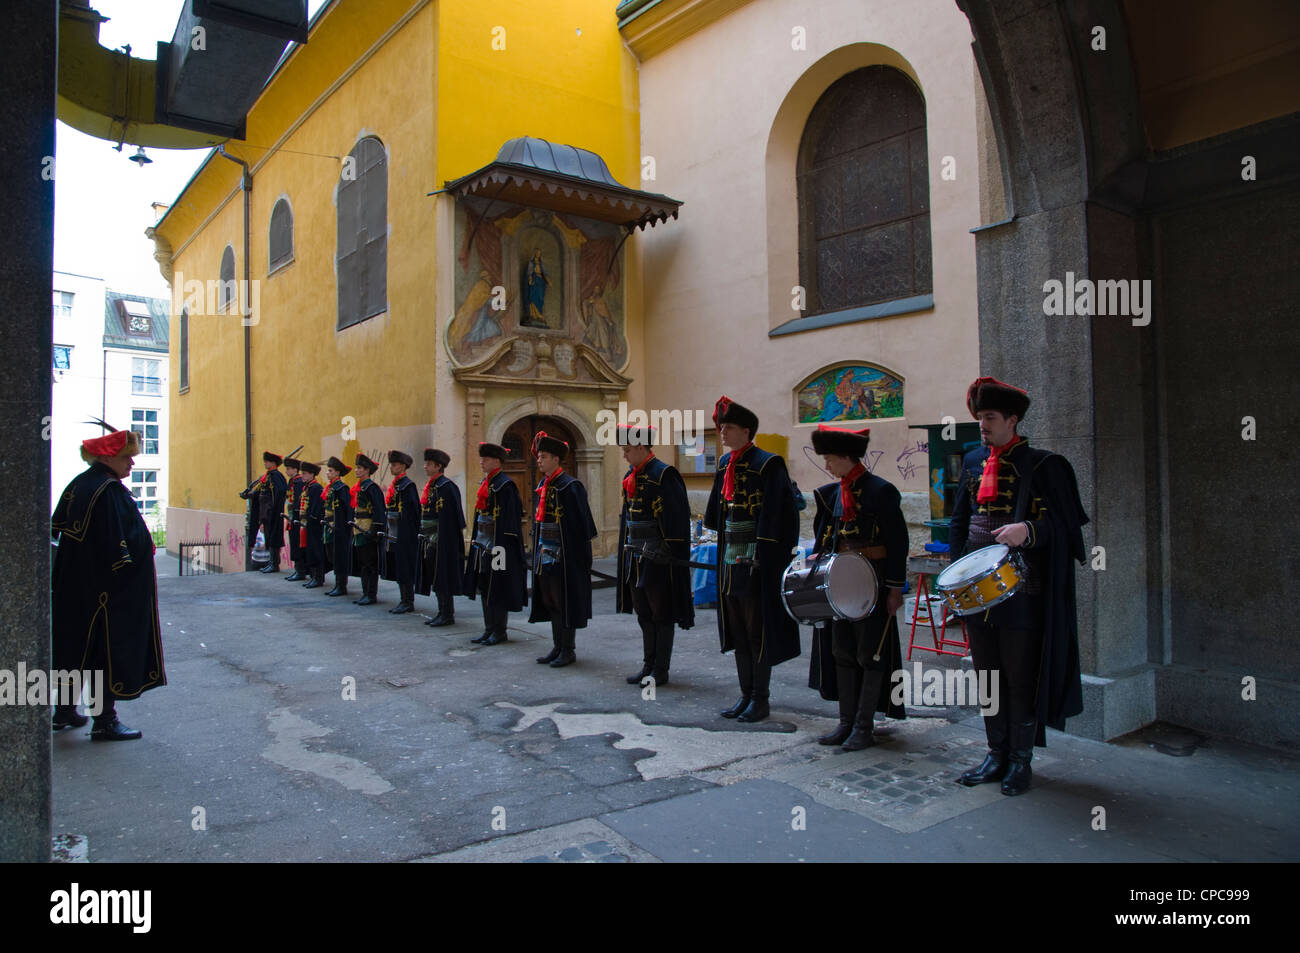 Samedi matin, changer les gardes du régiment à Kravat marché Dolac Zagreb Croatie Europe Photo Stock